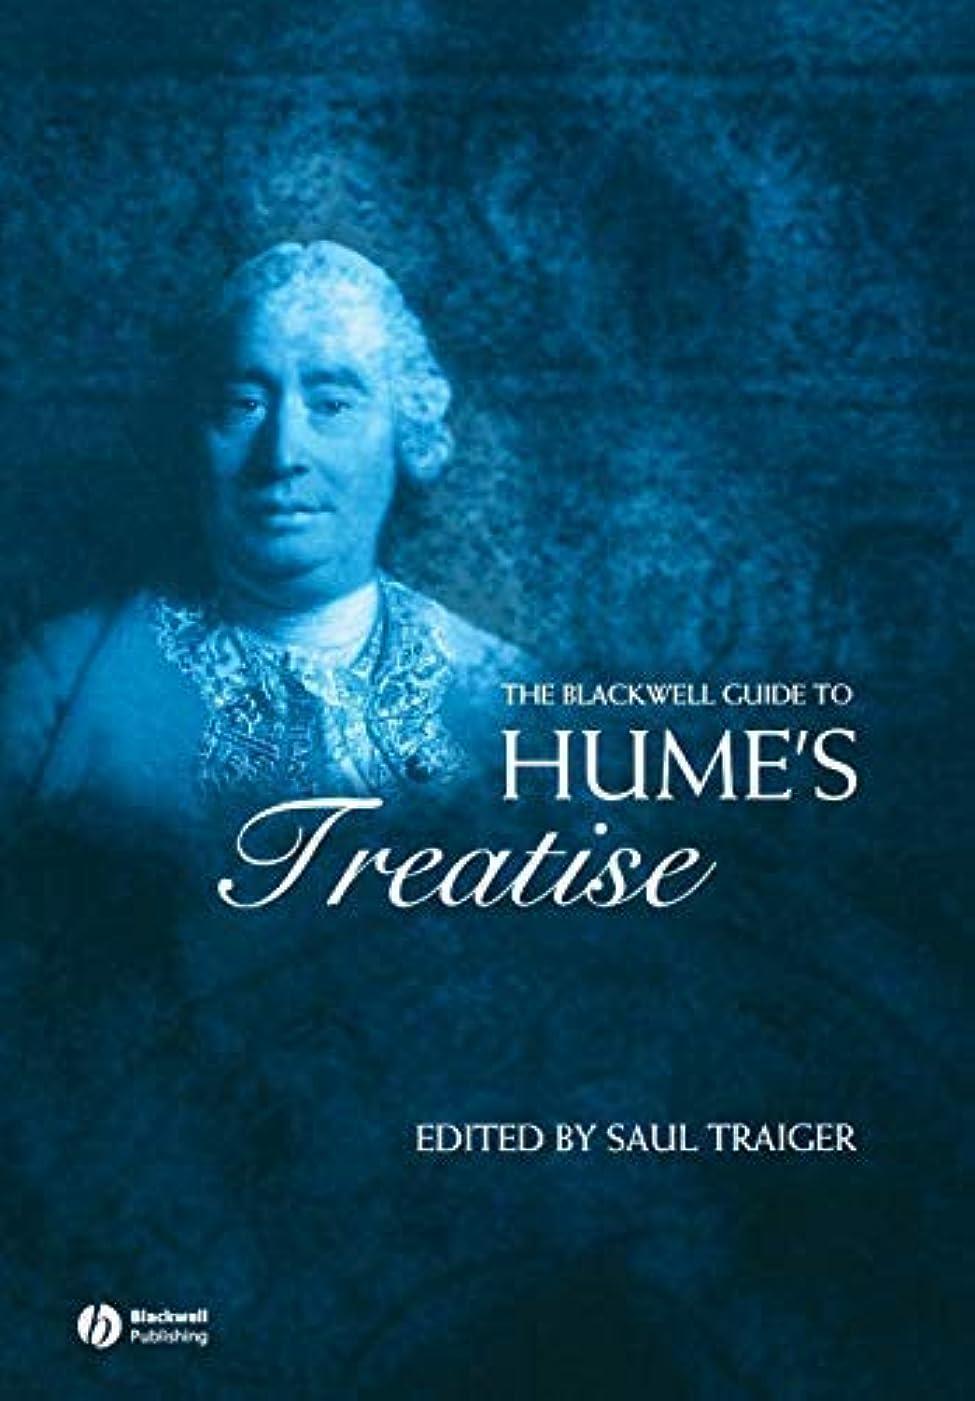 上向き適合する潮The Blackwell Guide to Hume's Treatise (Blackwell Guides to Great Works Book 1) (English Edition)